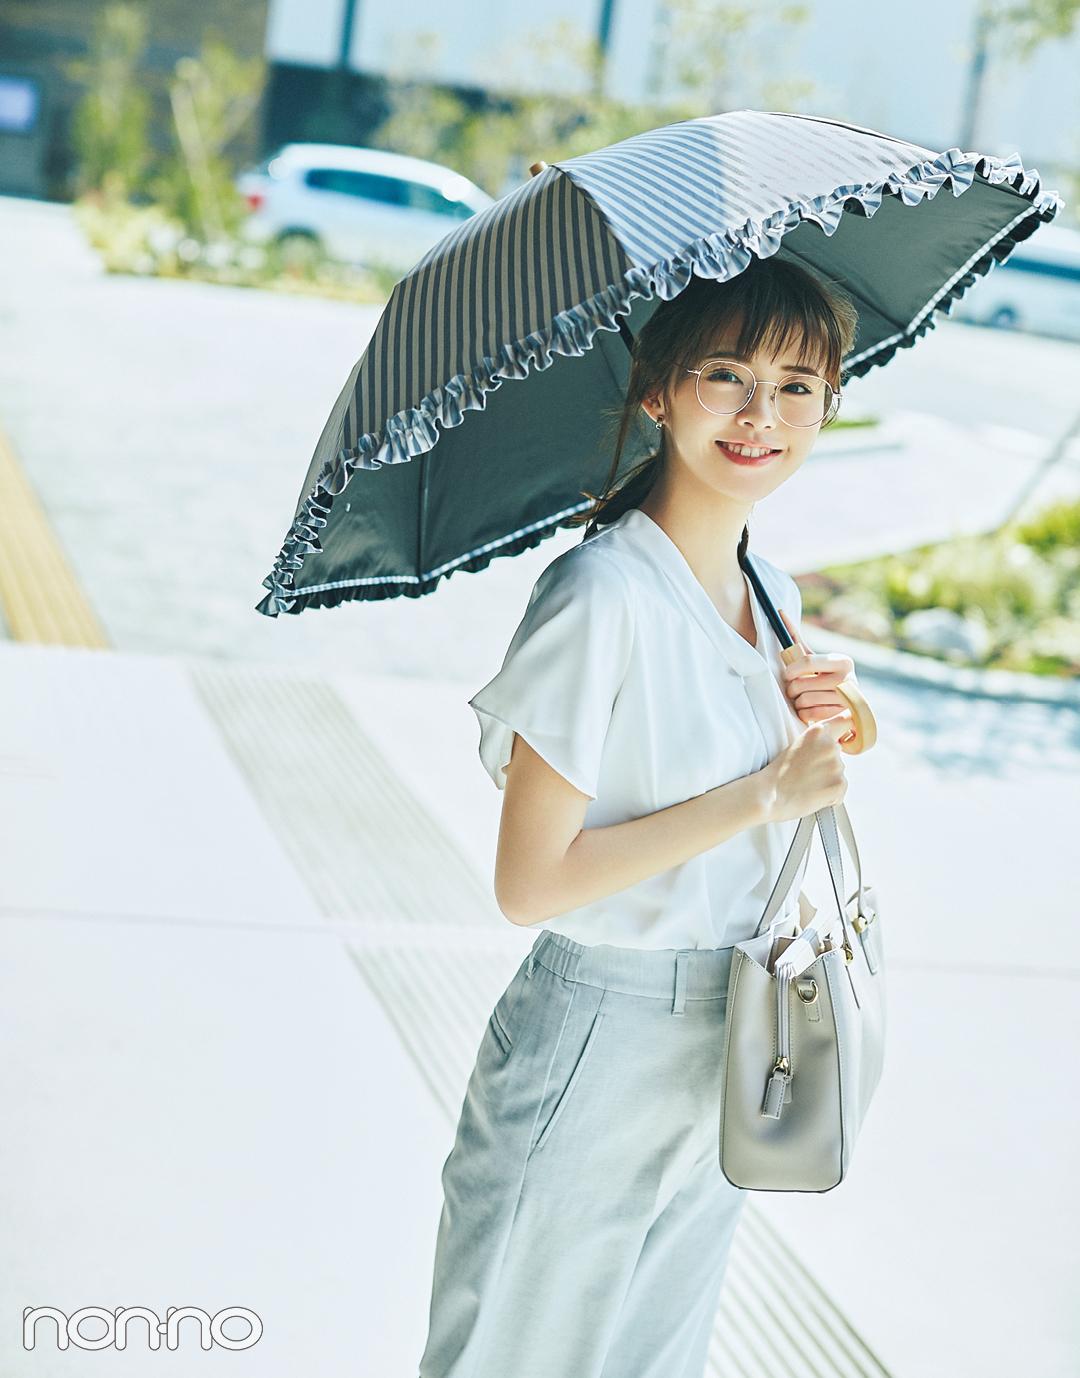 通勤UV対策★ 晴雨兼用傘&2wayサングラスの名品はコチラ!【夏のオフィスコーデ】_1_3